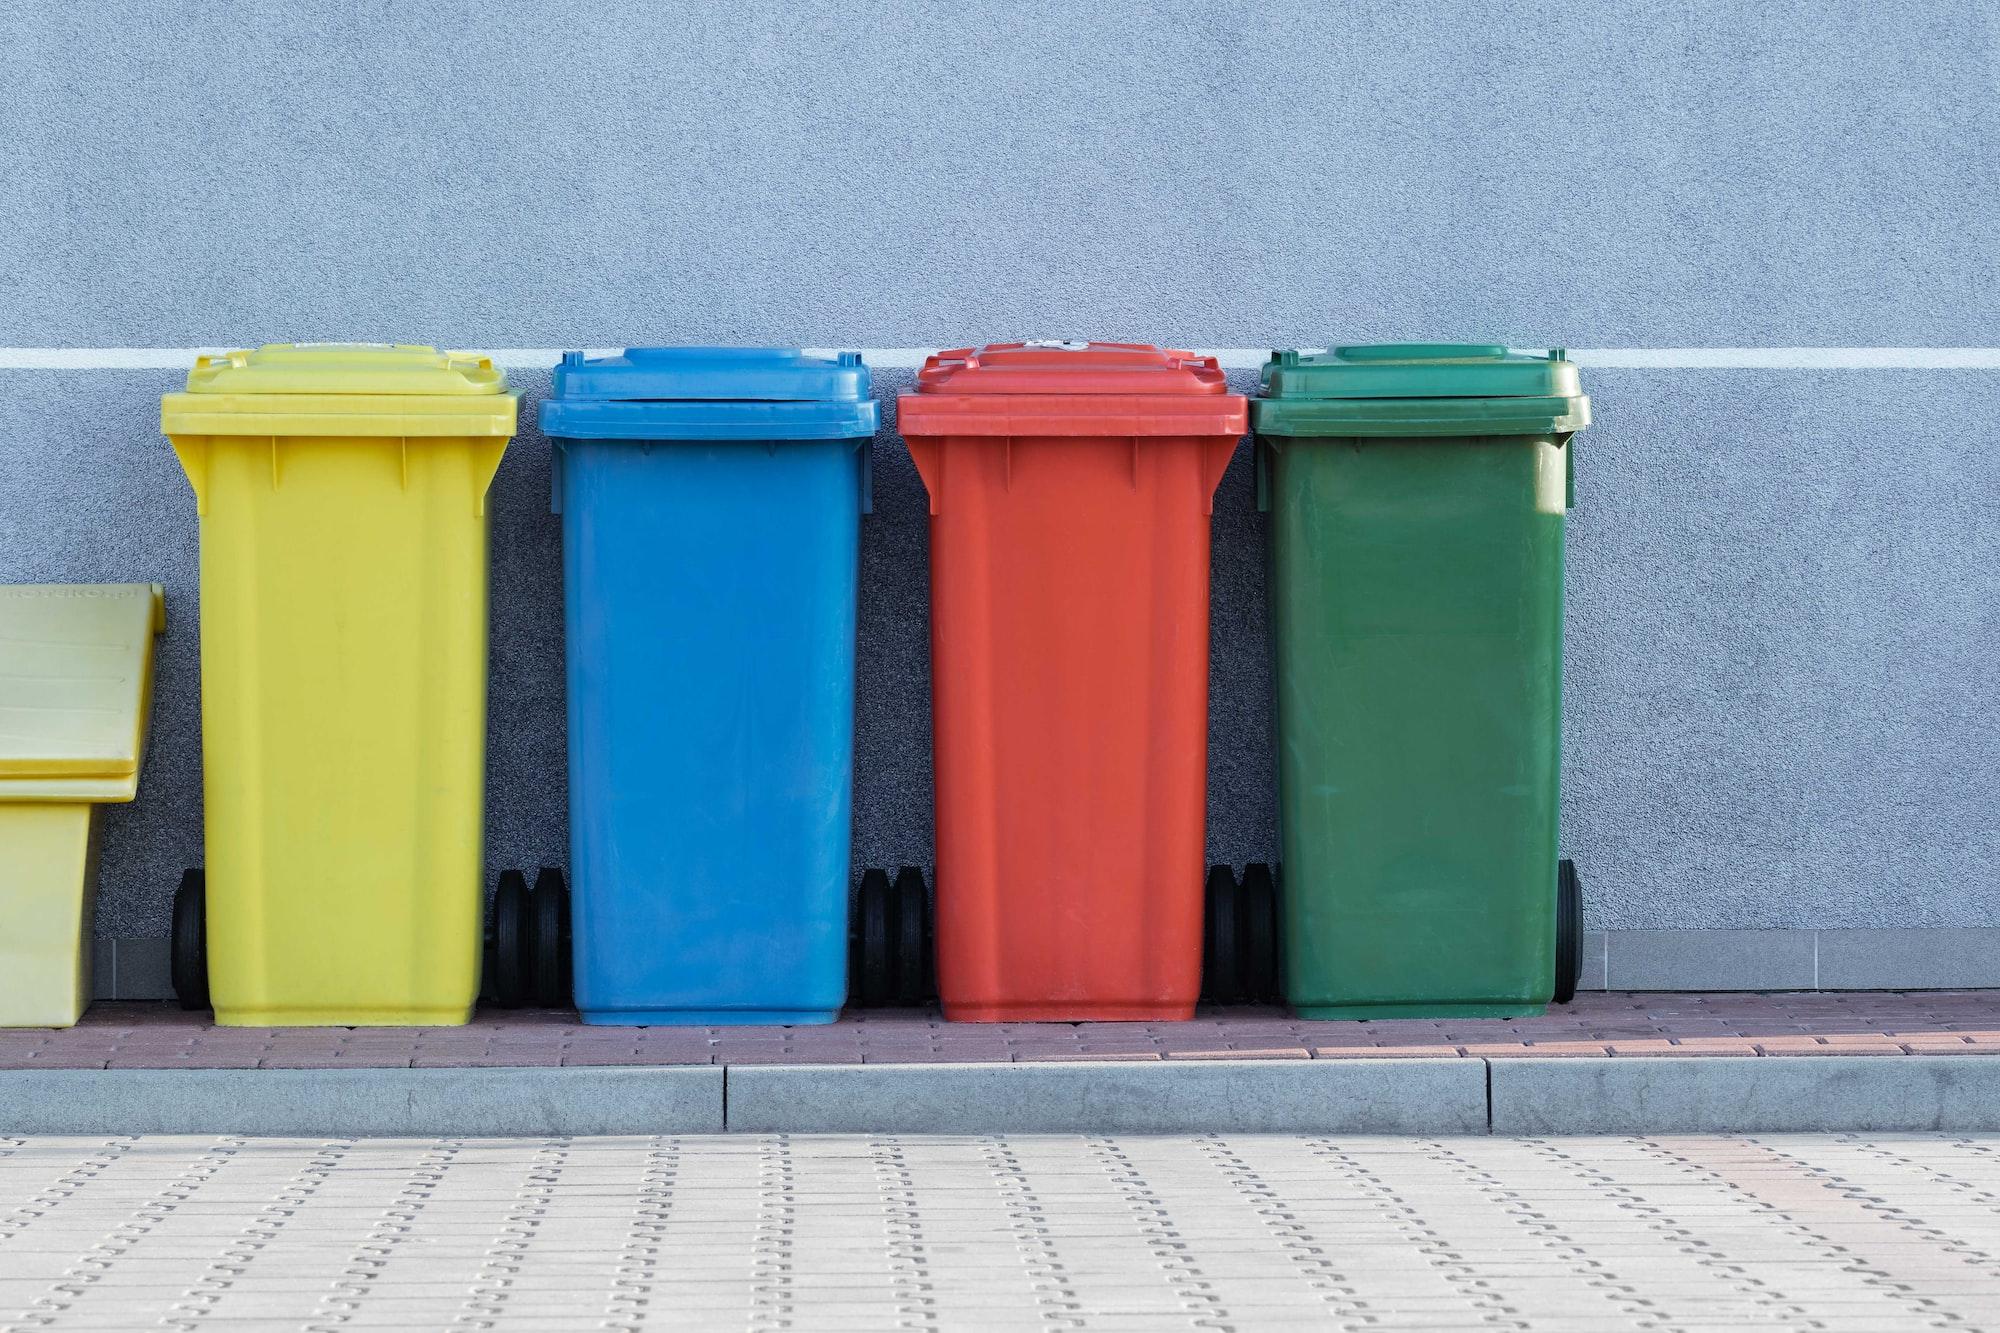 温哥华被评为全球最环保垃圾回收城市